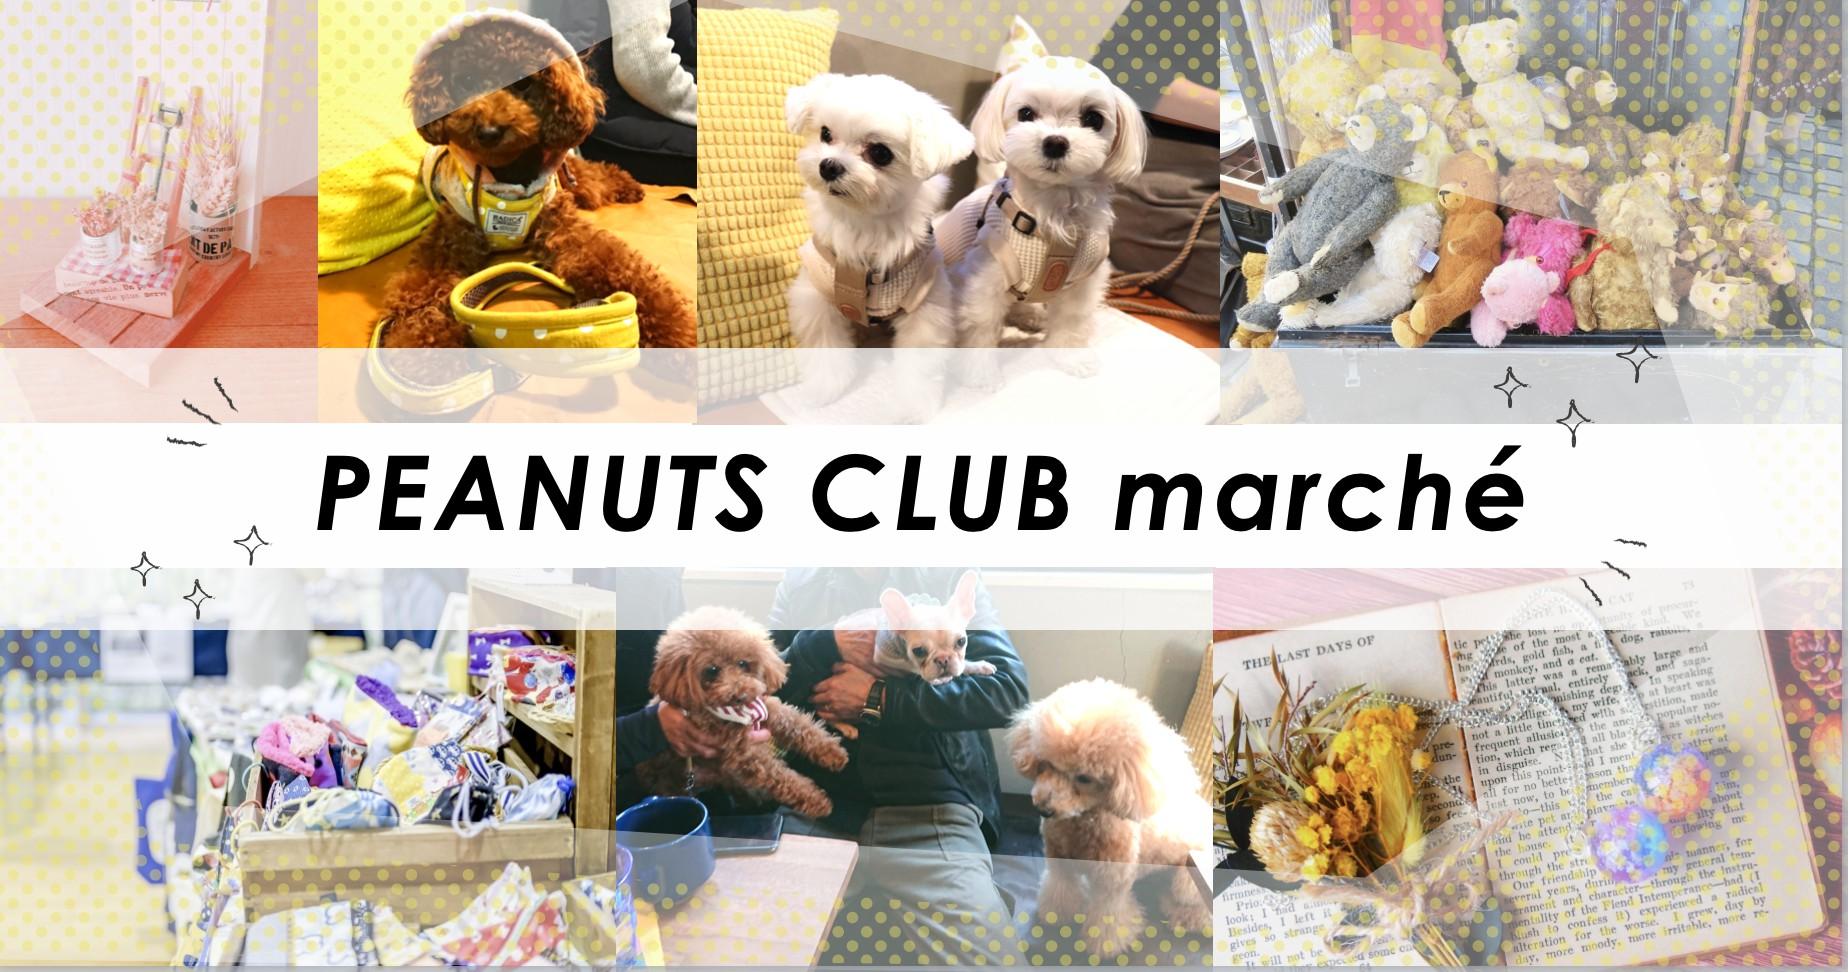 1/23-24 PEANUTS CLUB marché vol.3